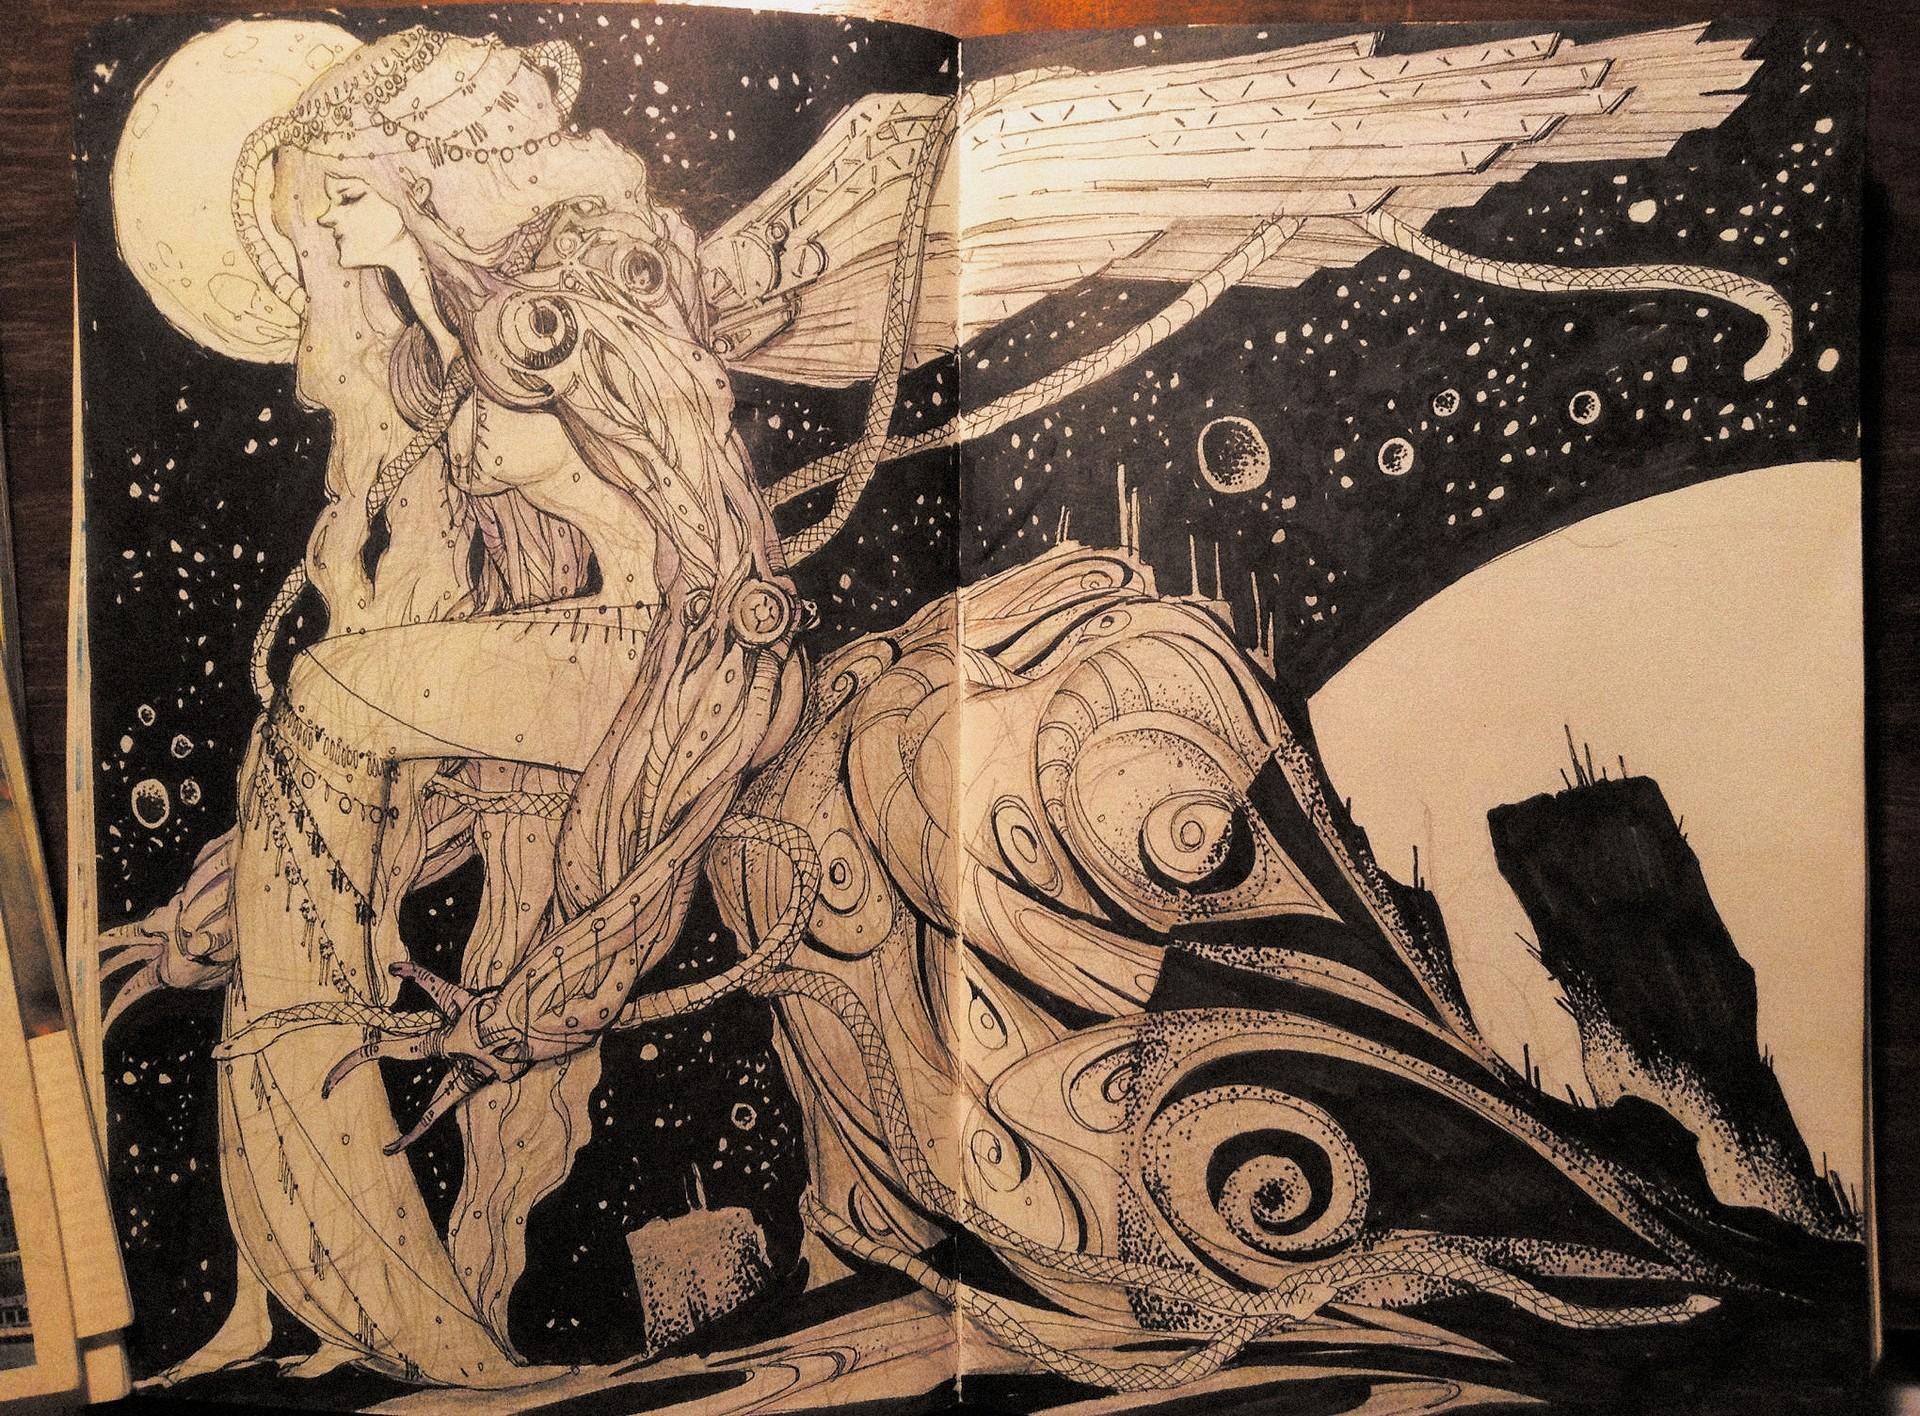 Yujin choo galaxyangel sketch